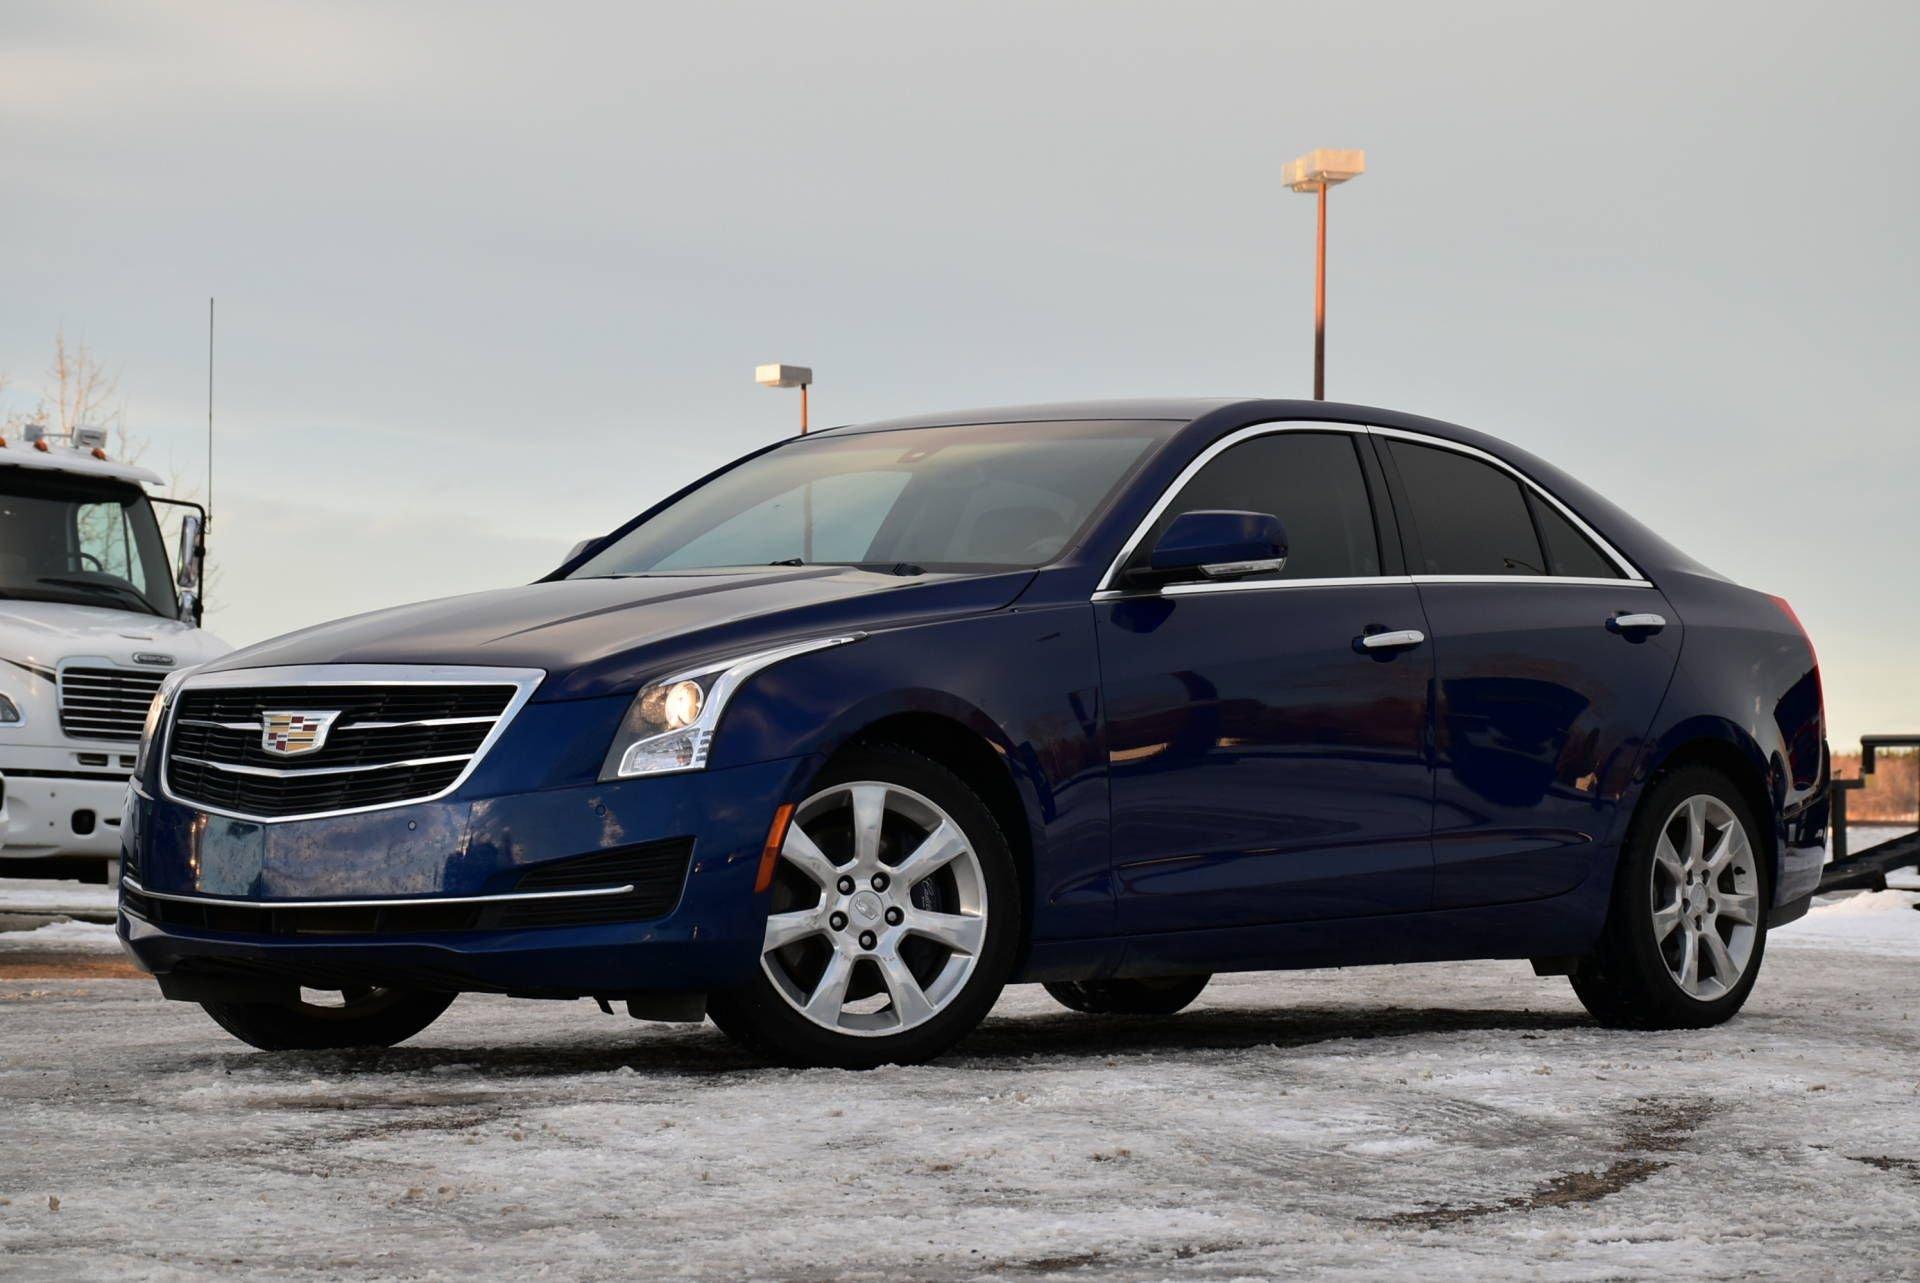 2015 cadillac ats luxury awd loaded